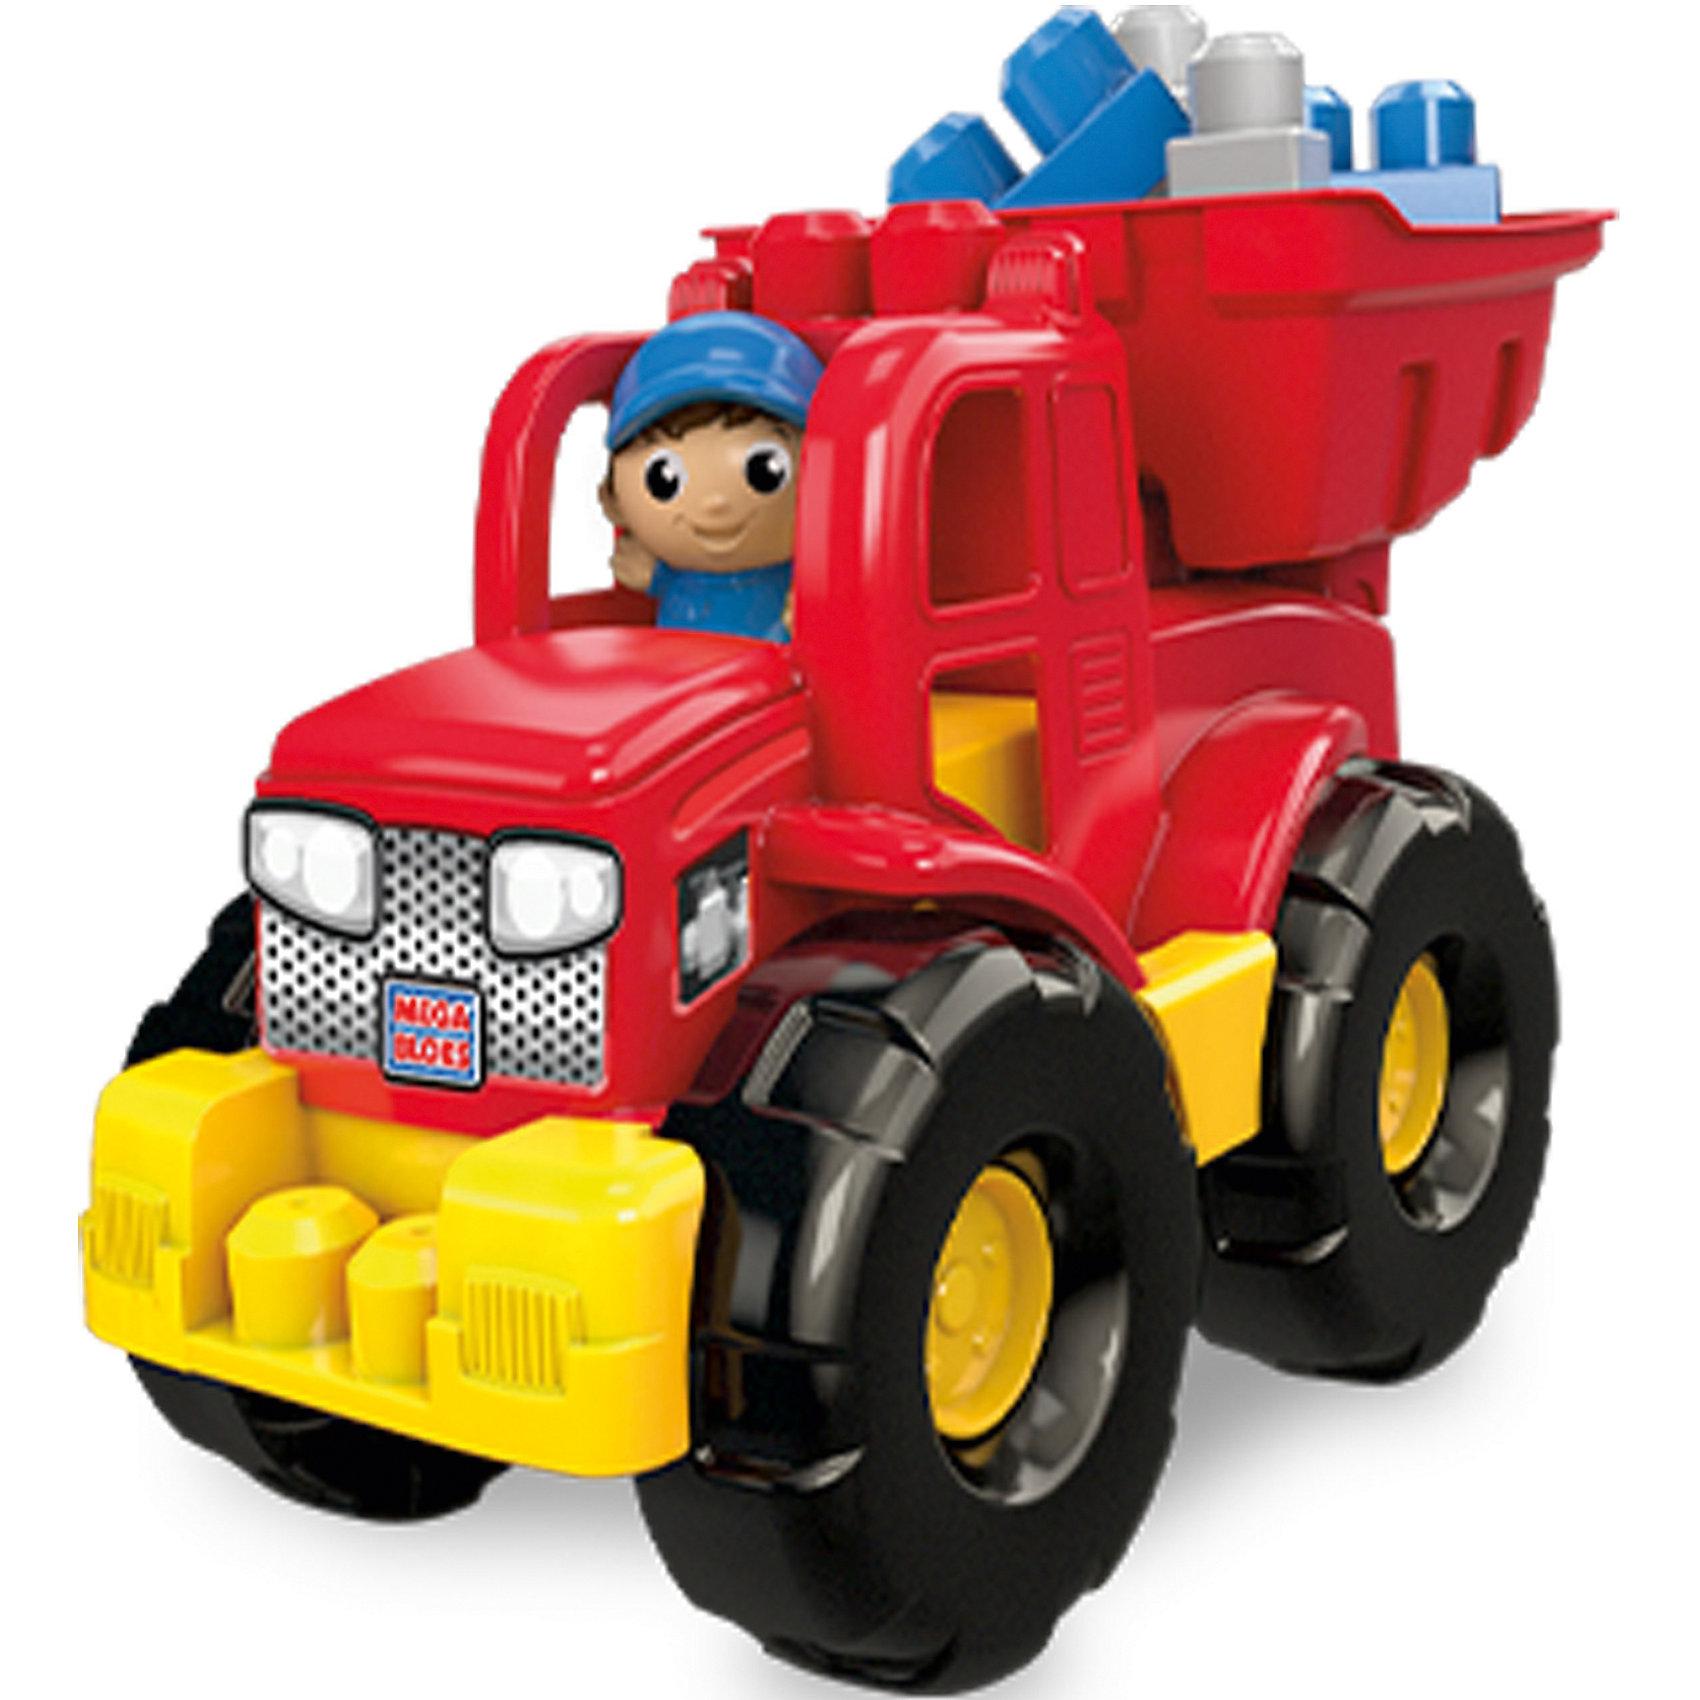 MEGA BLOKS Грузовик - трансформер, MEGA BLOKS mega bloks mega bloks грузовик трансформер